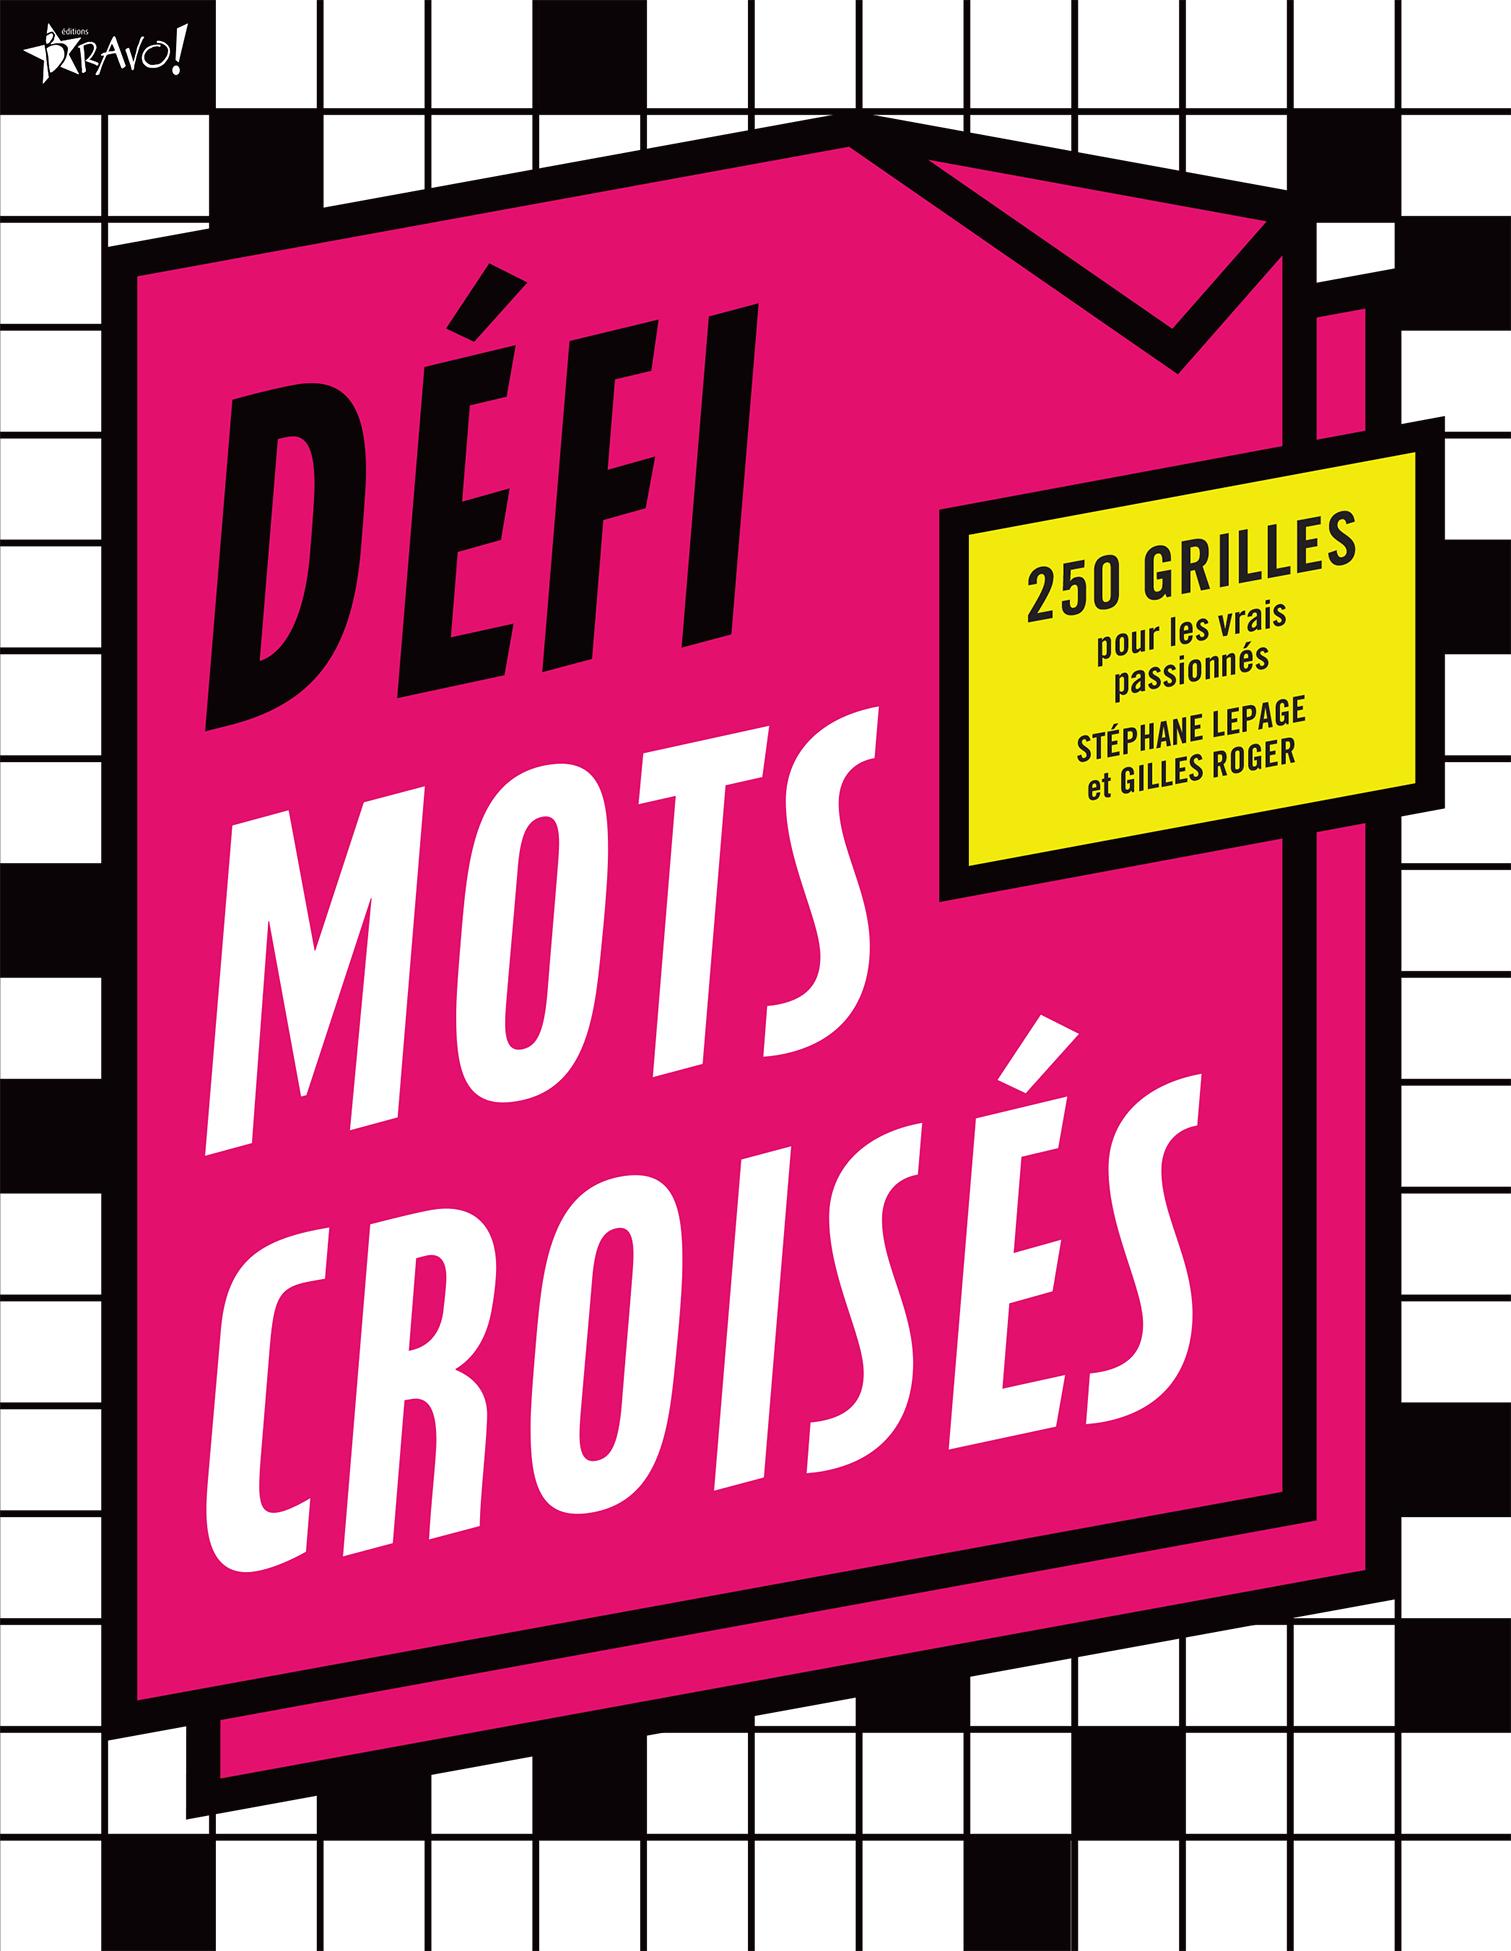 Poche De Hamster Mots Fleches : poche, hamster, fleches, Défi, Croisés, Groupe, Modus